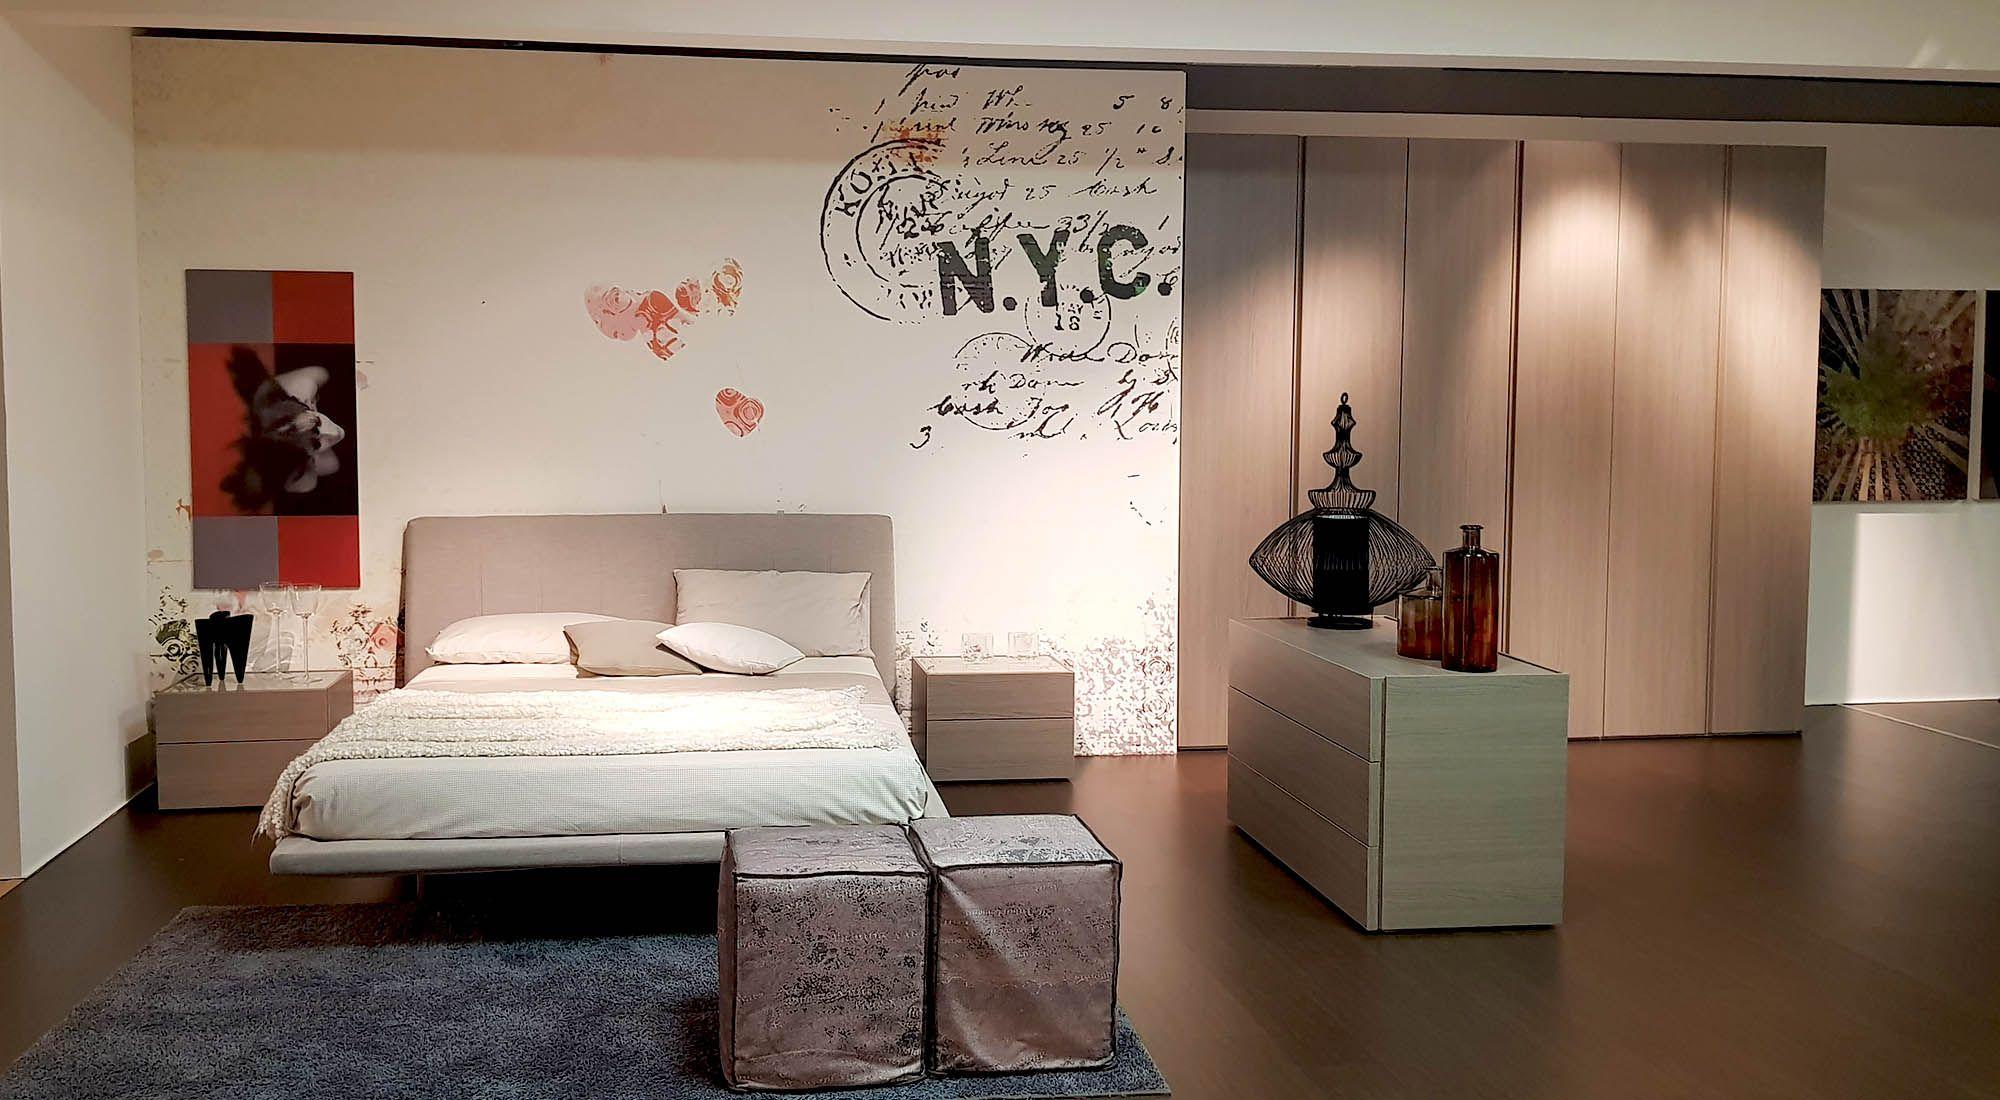 L'arredamento in stile industriale è l'ideale quando si vuole ristrutturare una abitazione. Camera Matrimoniale Idee Per Decorare La Casa Design Divano Mobili Contemporanei